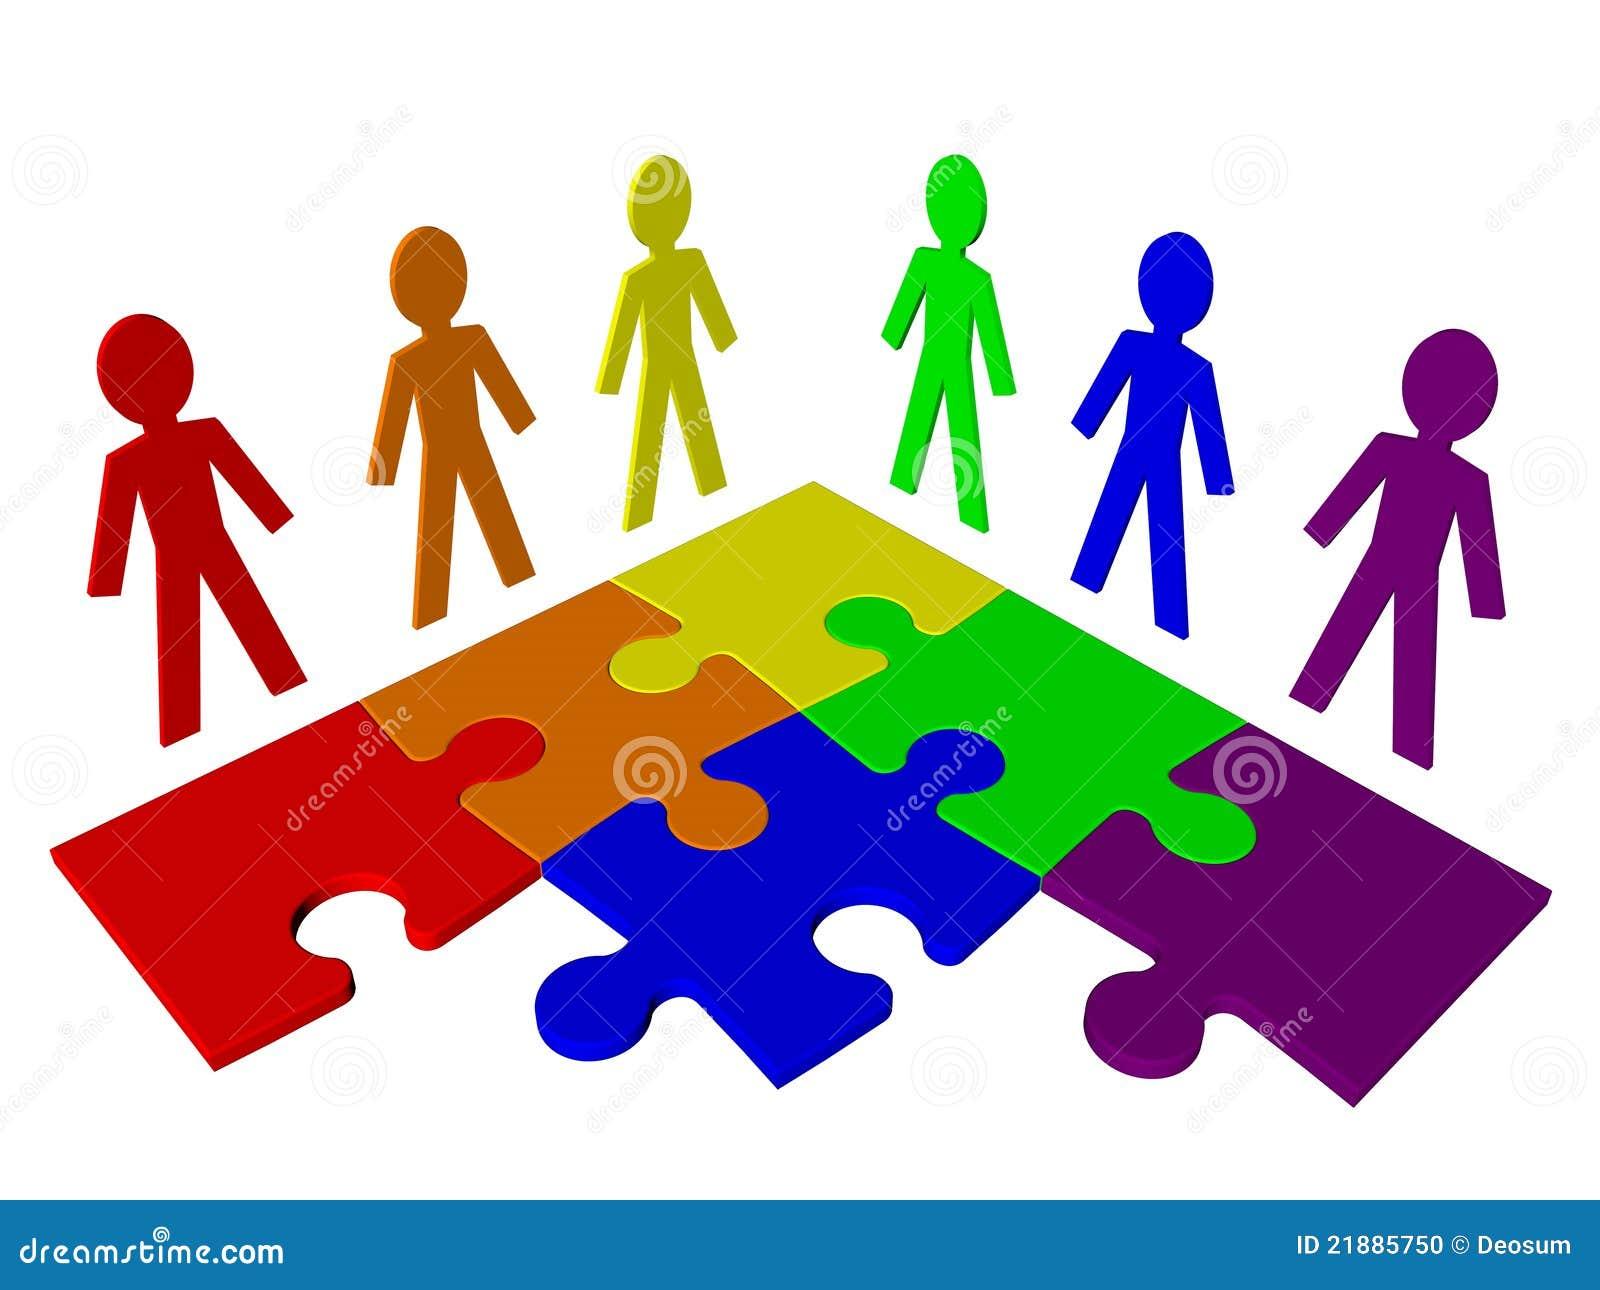 Imagenes De Personas Trabajando En Equipo: Business Team, Teamwork Stock